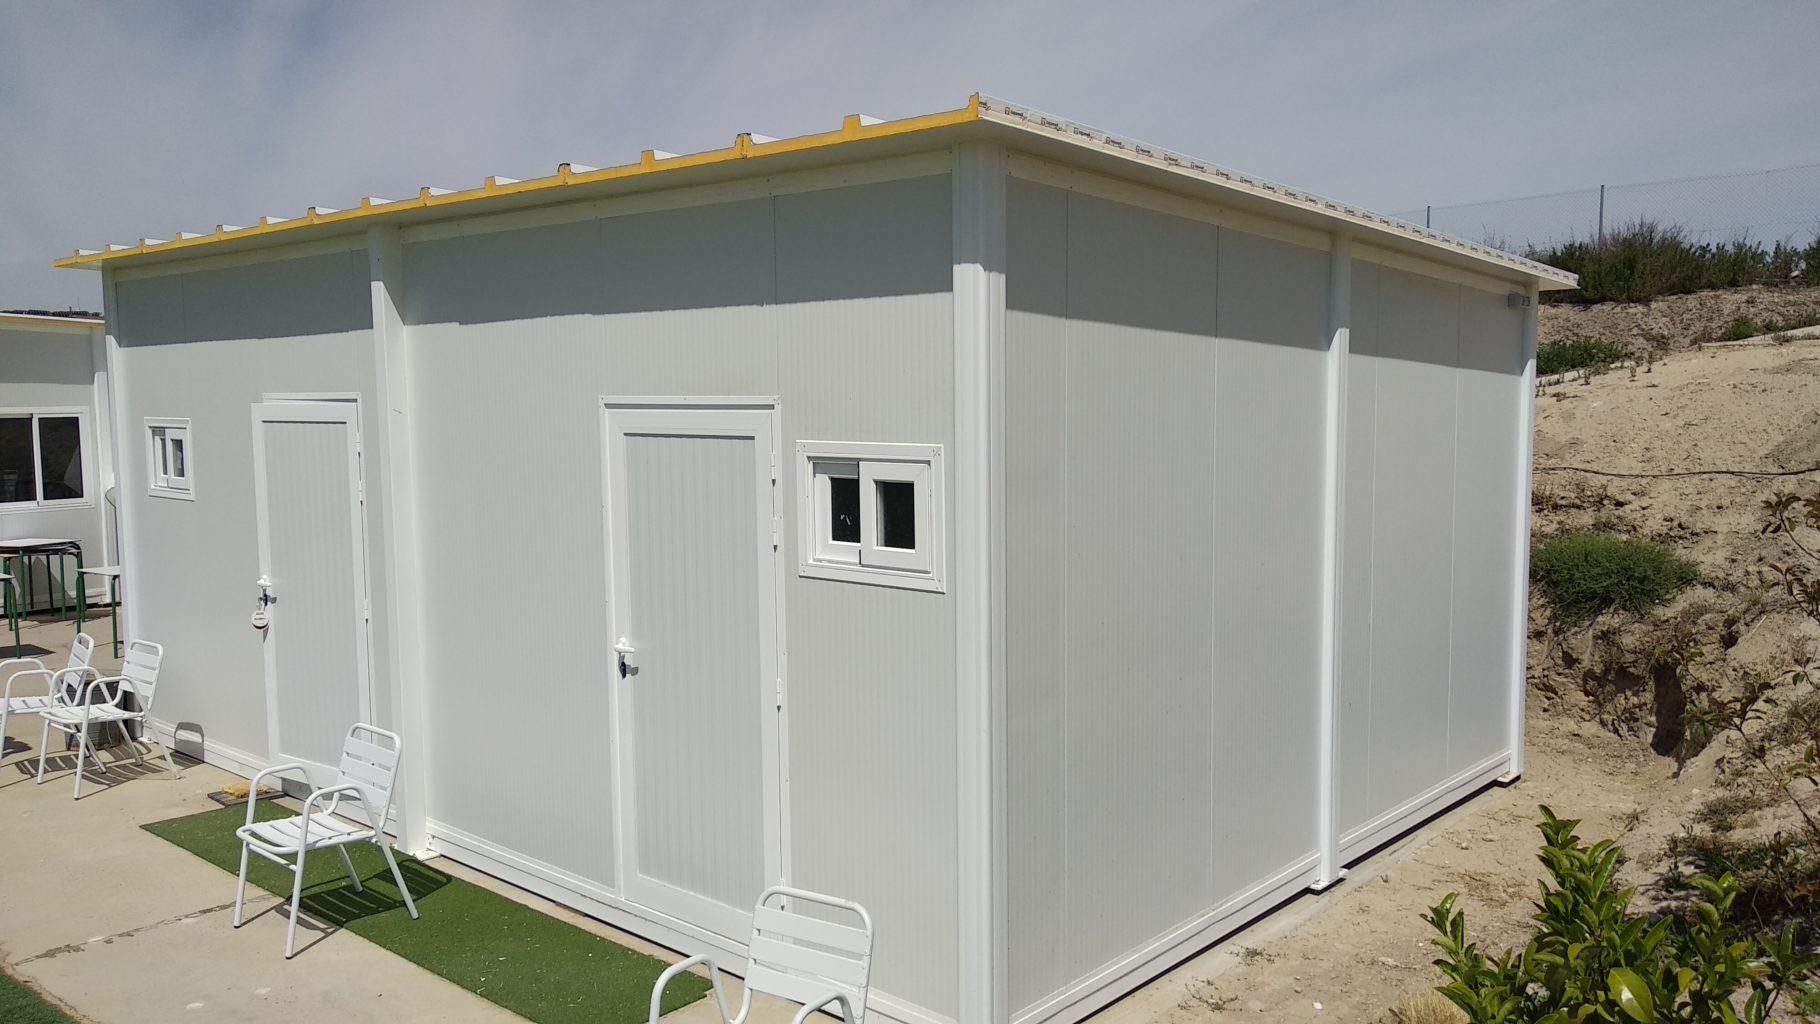 casa prefabricada de 25 m2 empleada para trastero en zaragoza